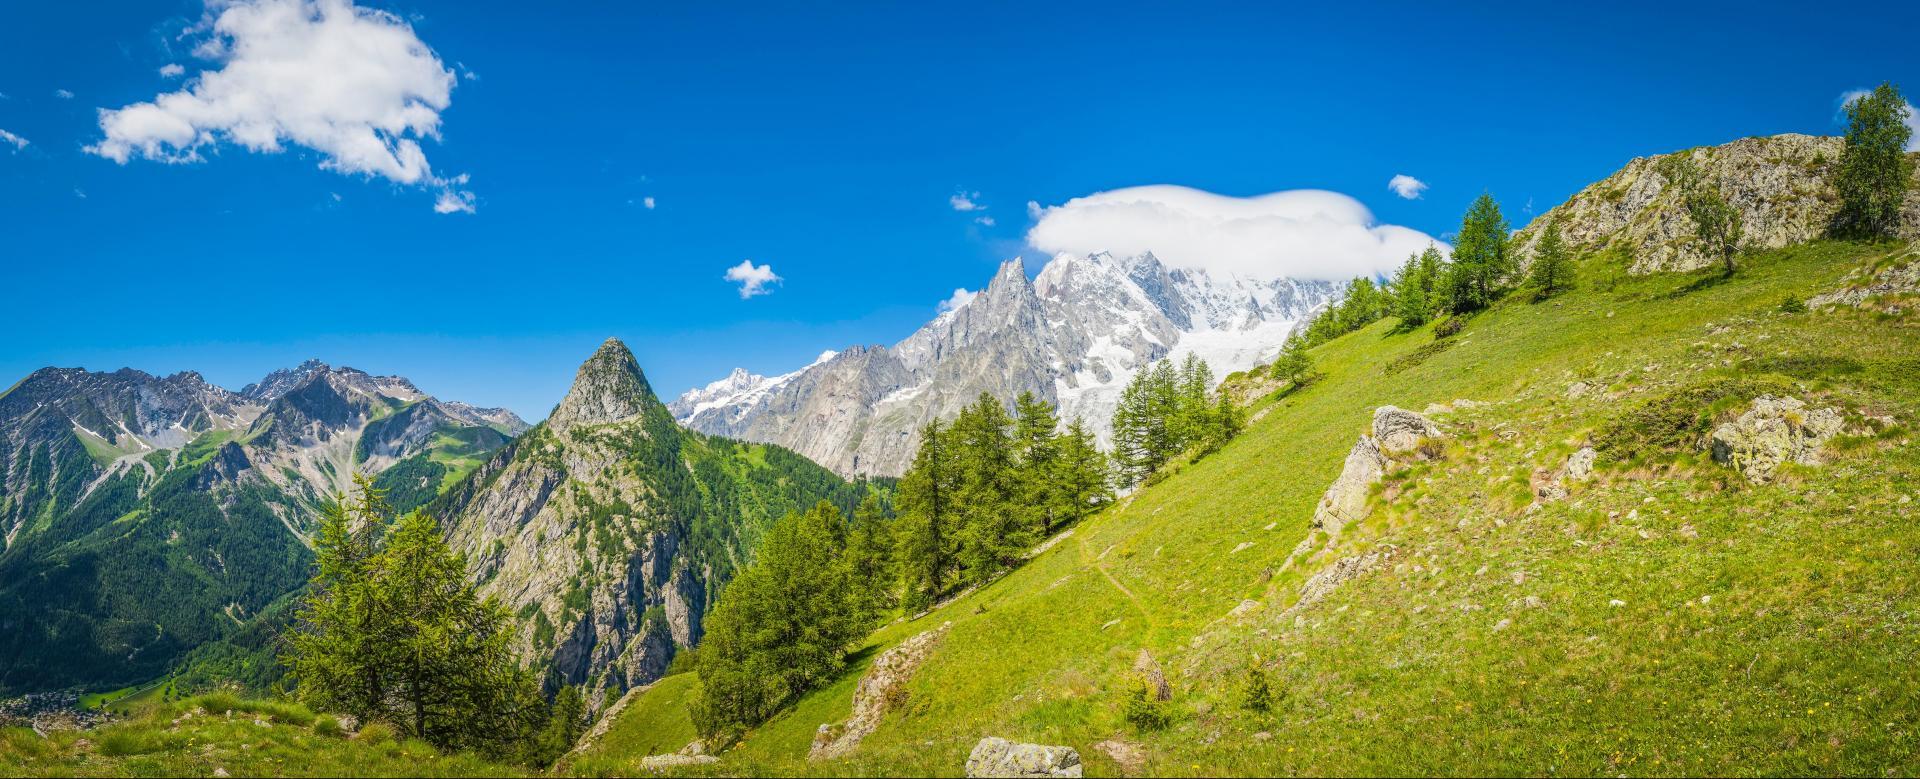 Voyage avec des animaux : Le tour du mont-blanc avec une mule